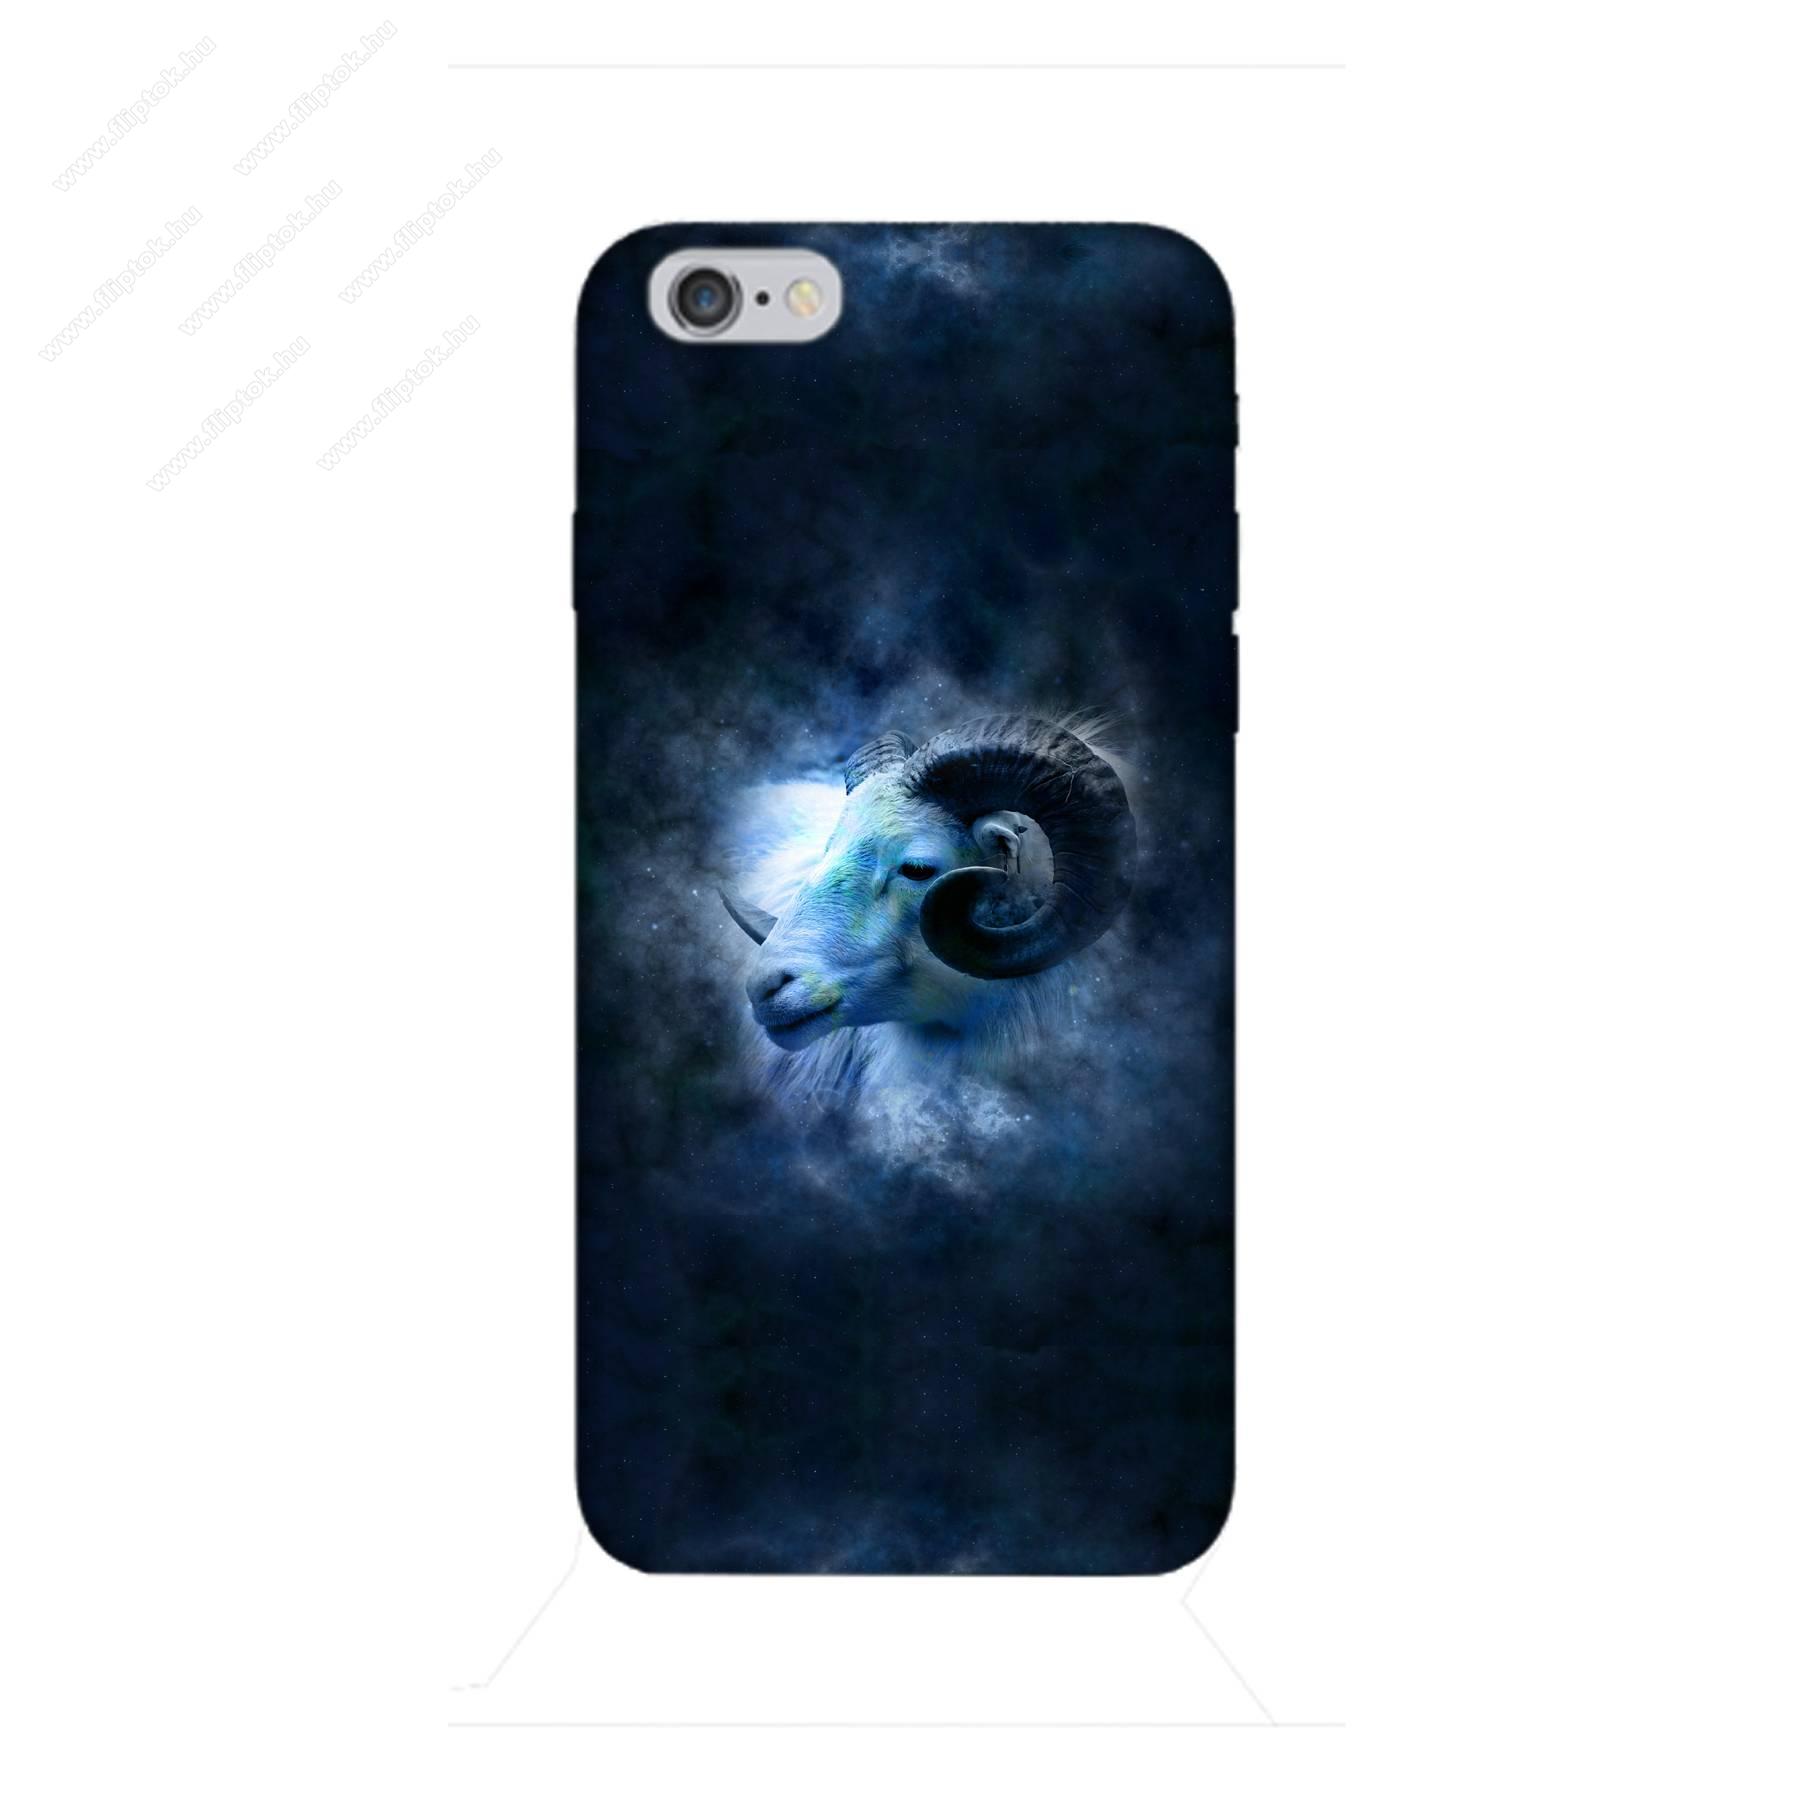 E-pic szilikon védő tok / hátlap - Horoszkóp, Kos mintás - APPLE iPhone 6 / APPLE iPhone 6s